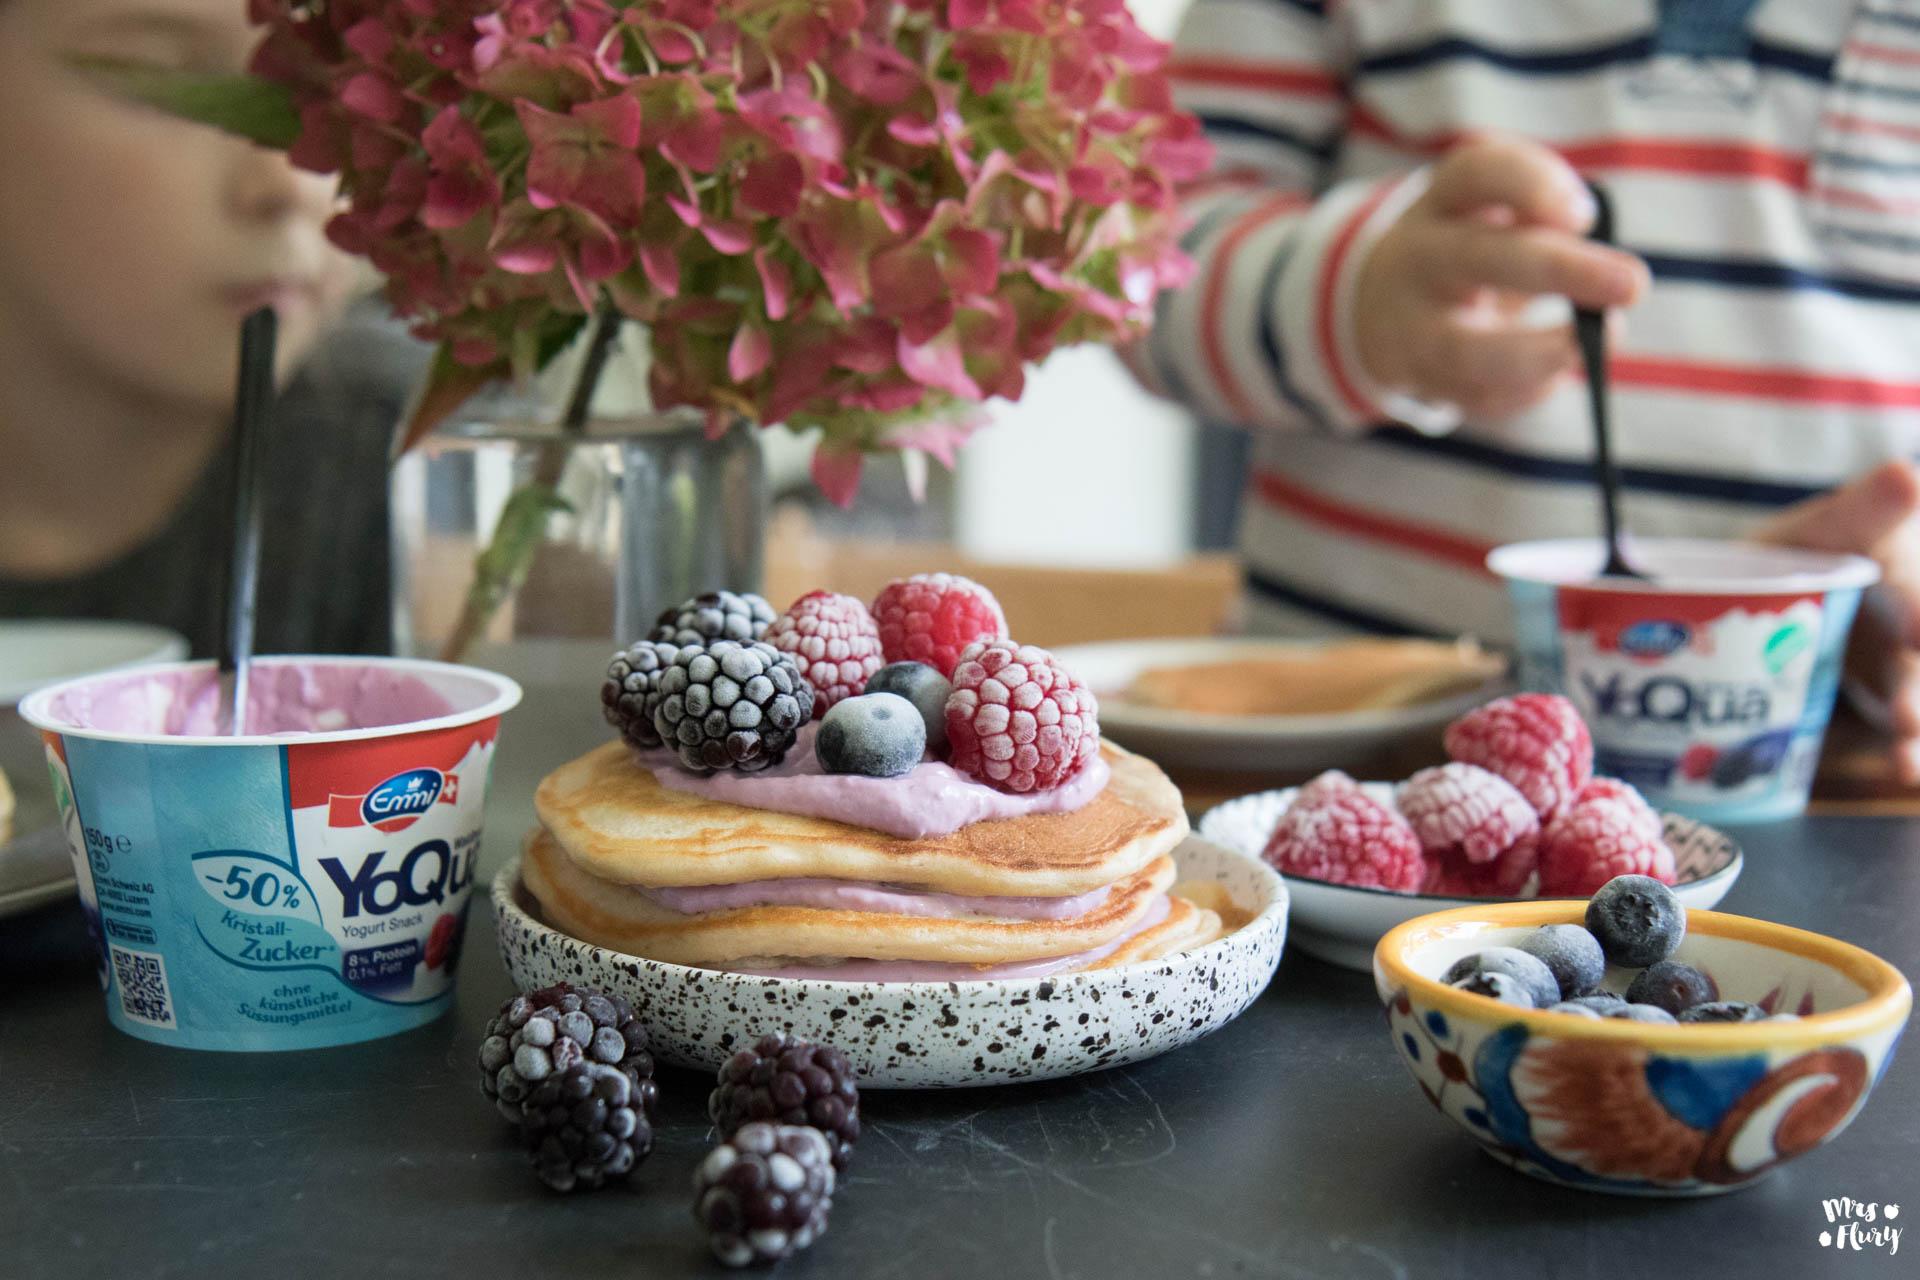 gesunde pancakes mit fruchtjogurt und wenig zucker mrs flury gesund essen leben. Black Bedroom Furniture Sets. Home Design Ideas